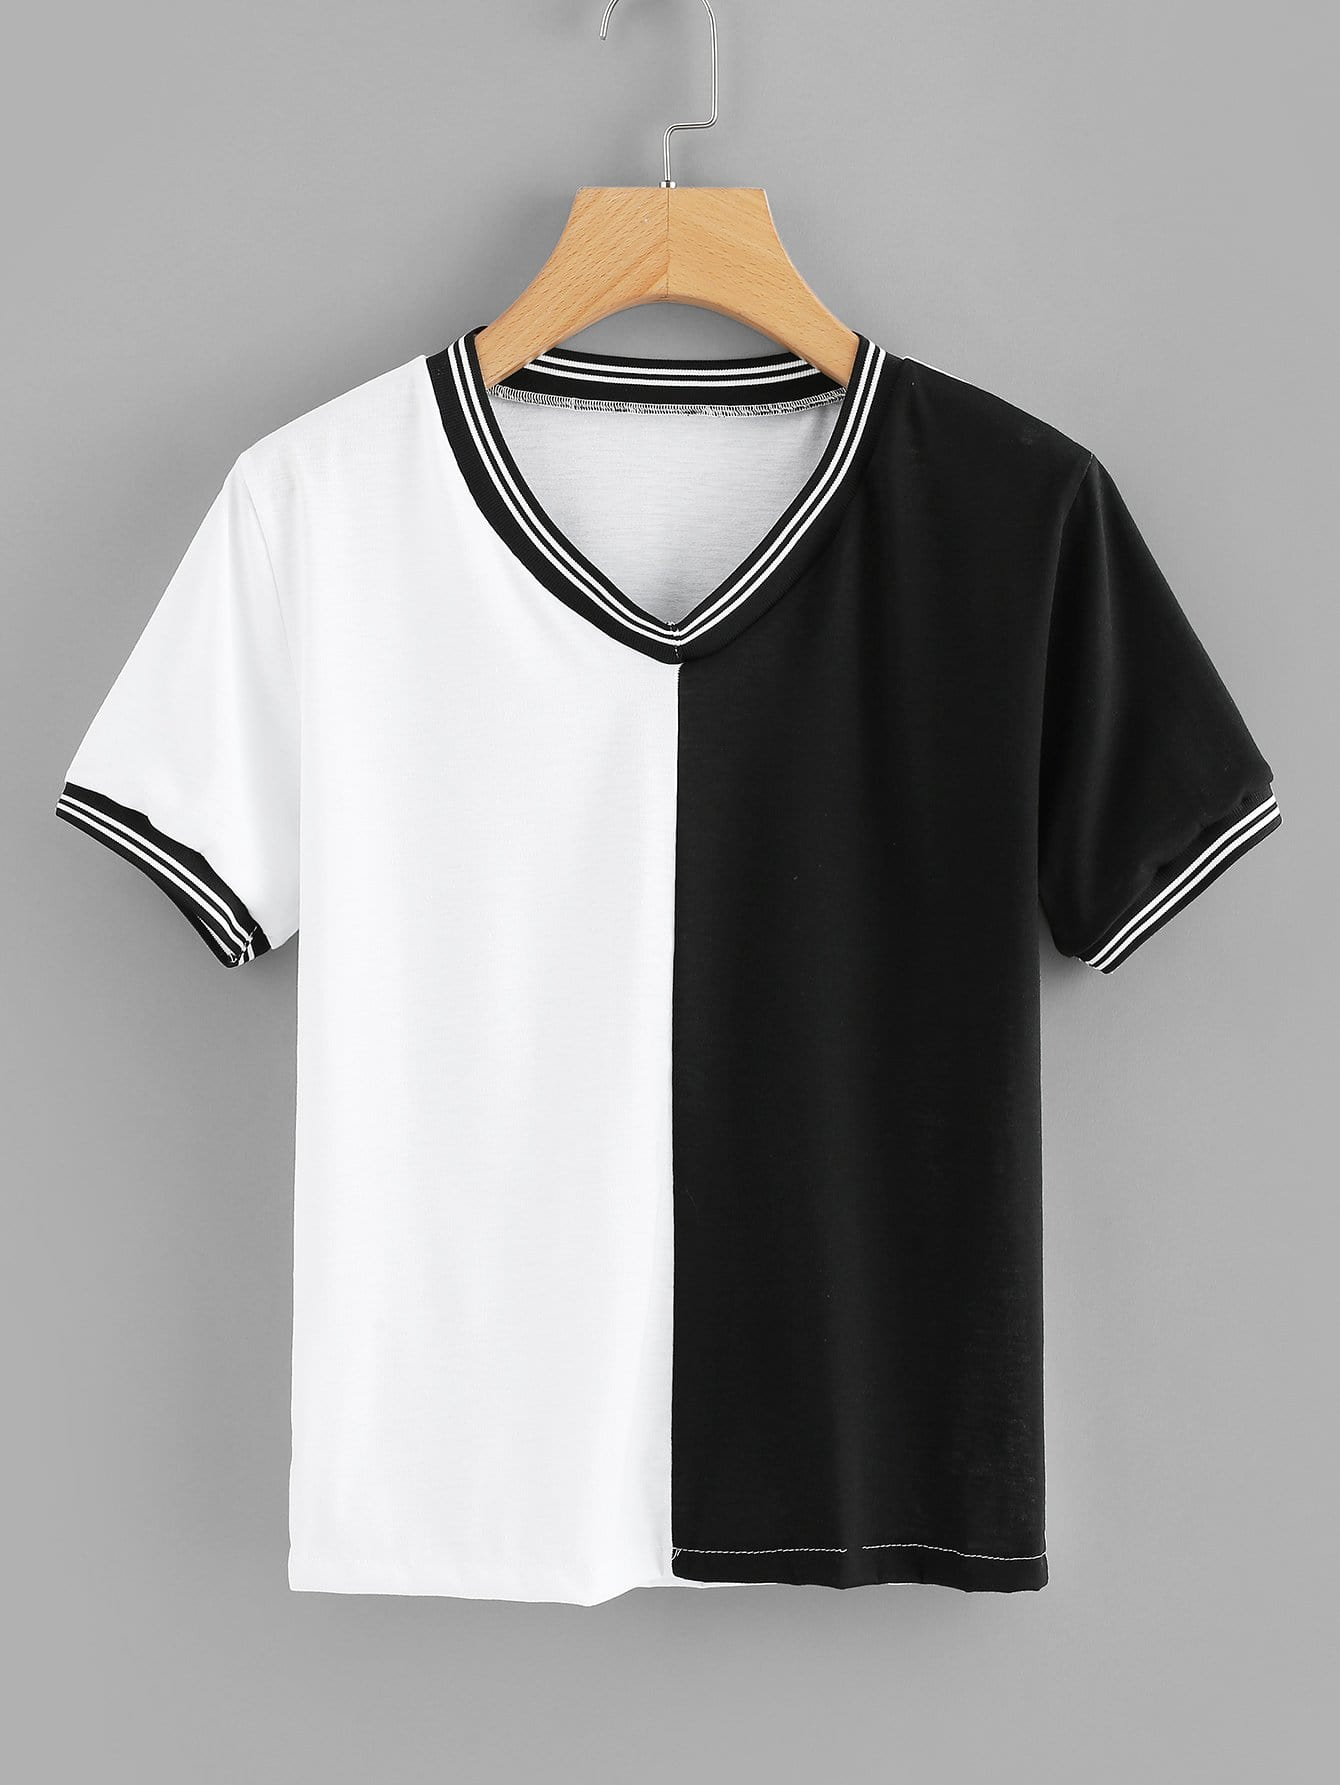 Купить Цветная кусковая полосатая футболка, null, SheIn